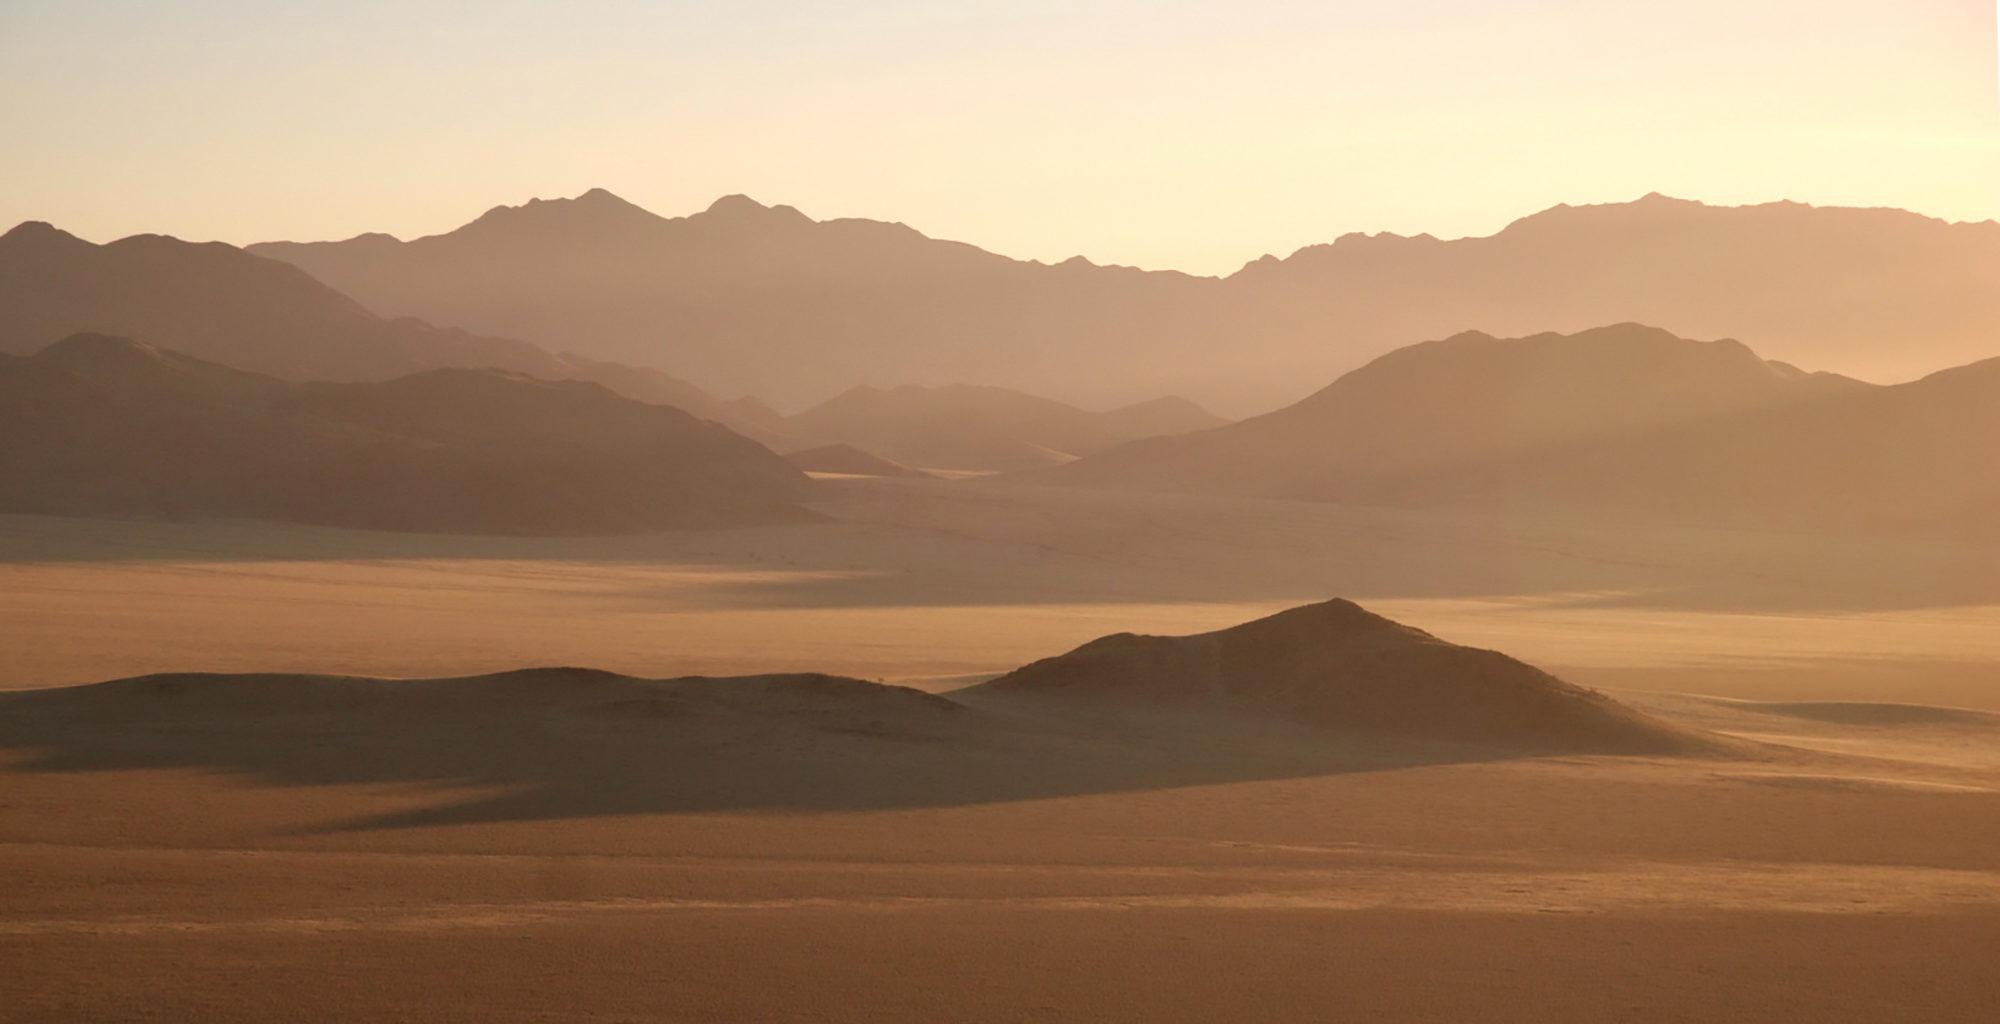 Namibia-Skeleton-Coast-Landscape